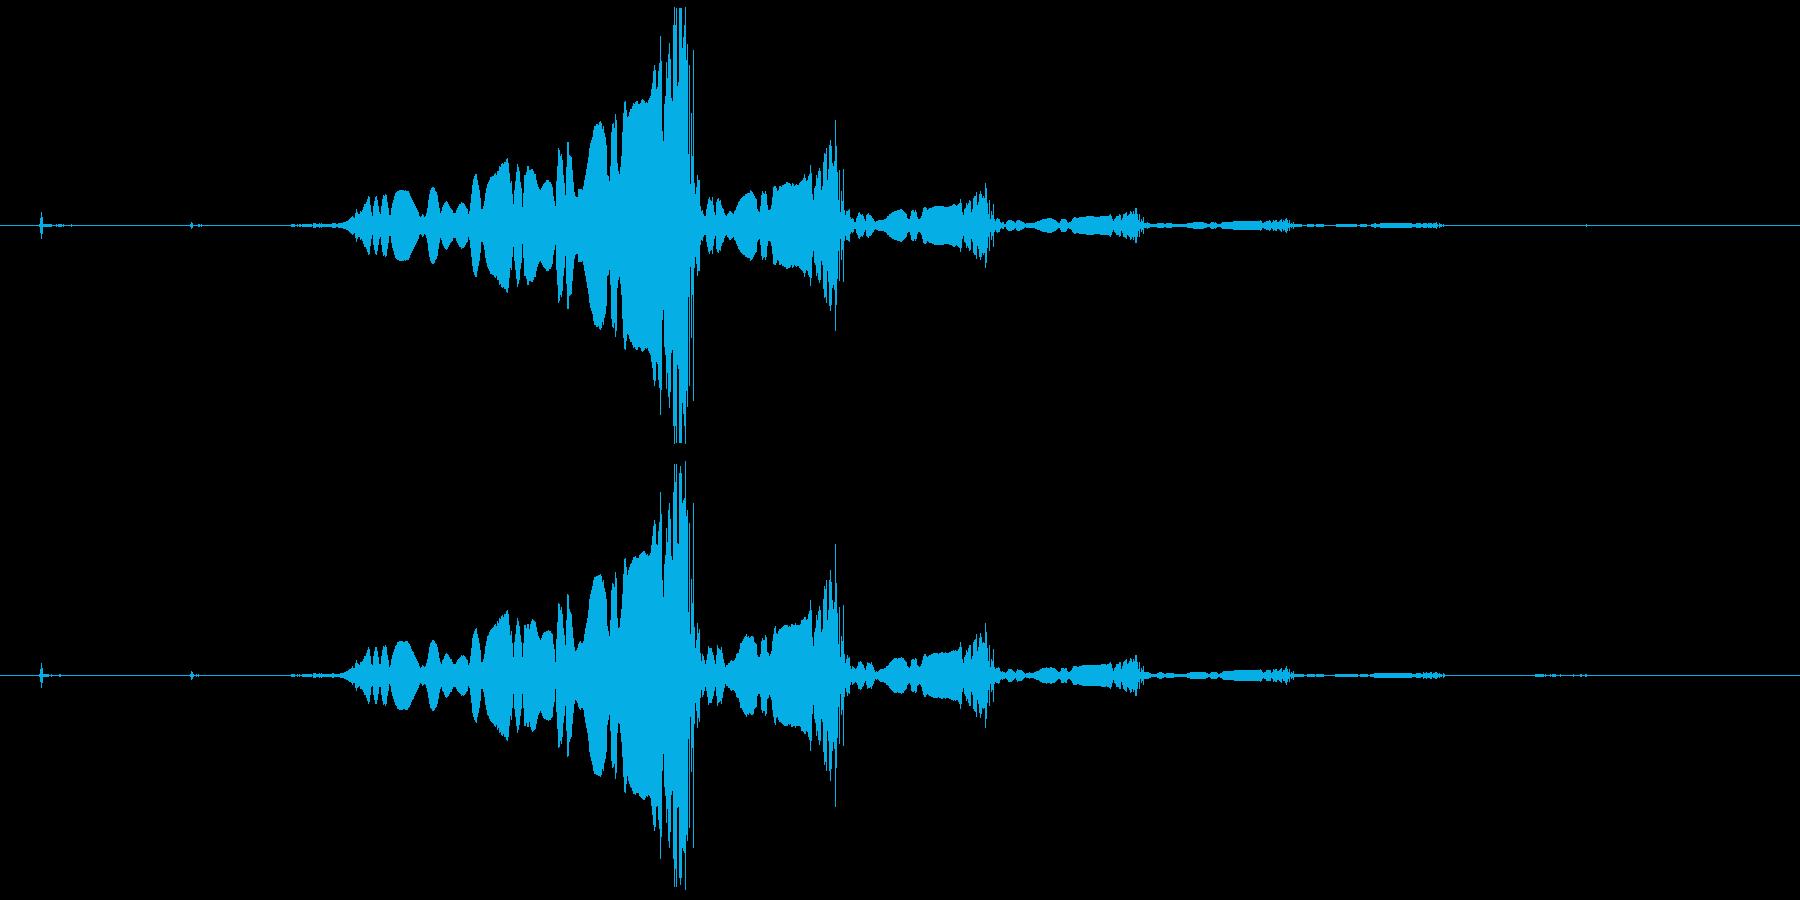 怪しいエレキギターのロゴの再生済みの波形